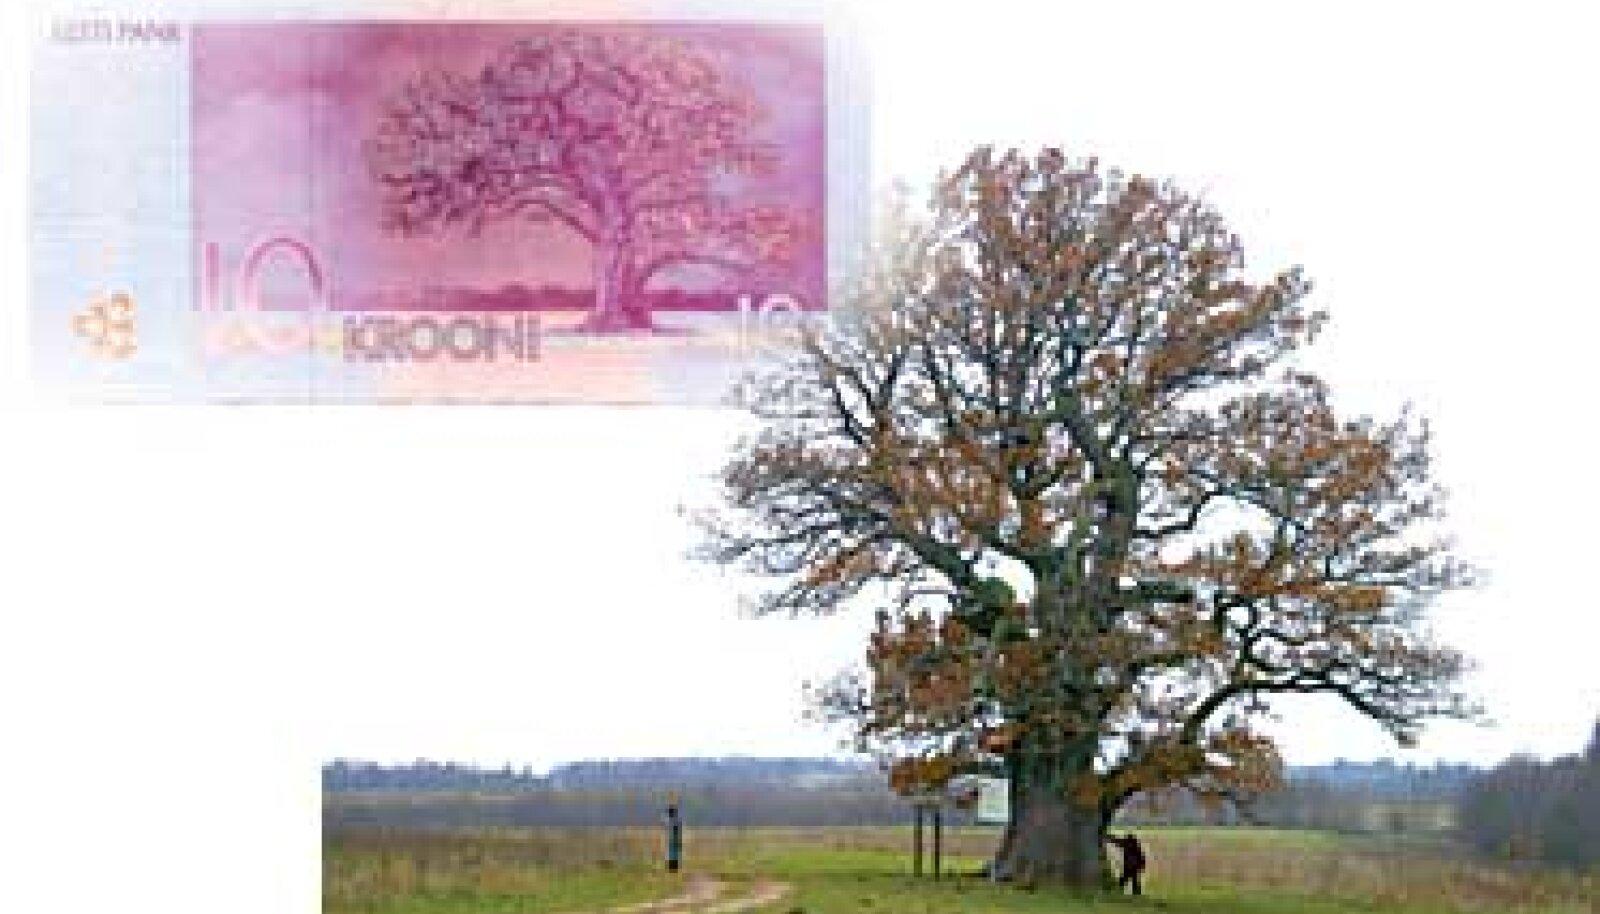 TAMME-LAURI TAMM: Hoolimata betoonsüdamest kasvab puu mühinal inimesest järjest suuremaks.